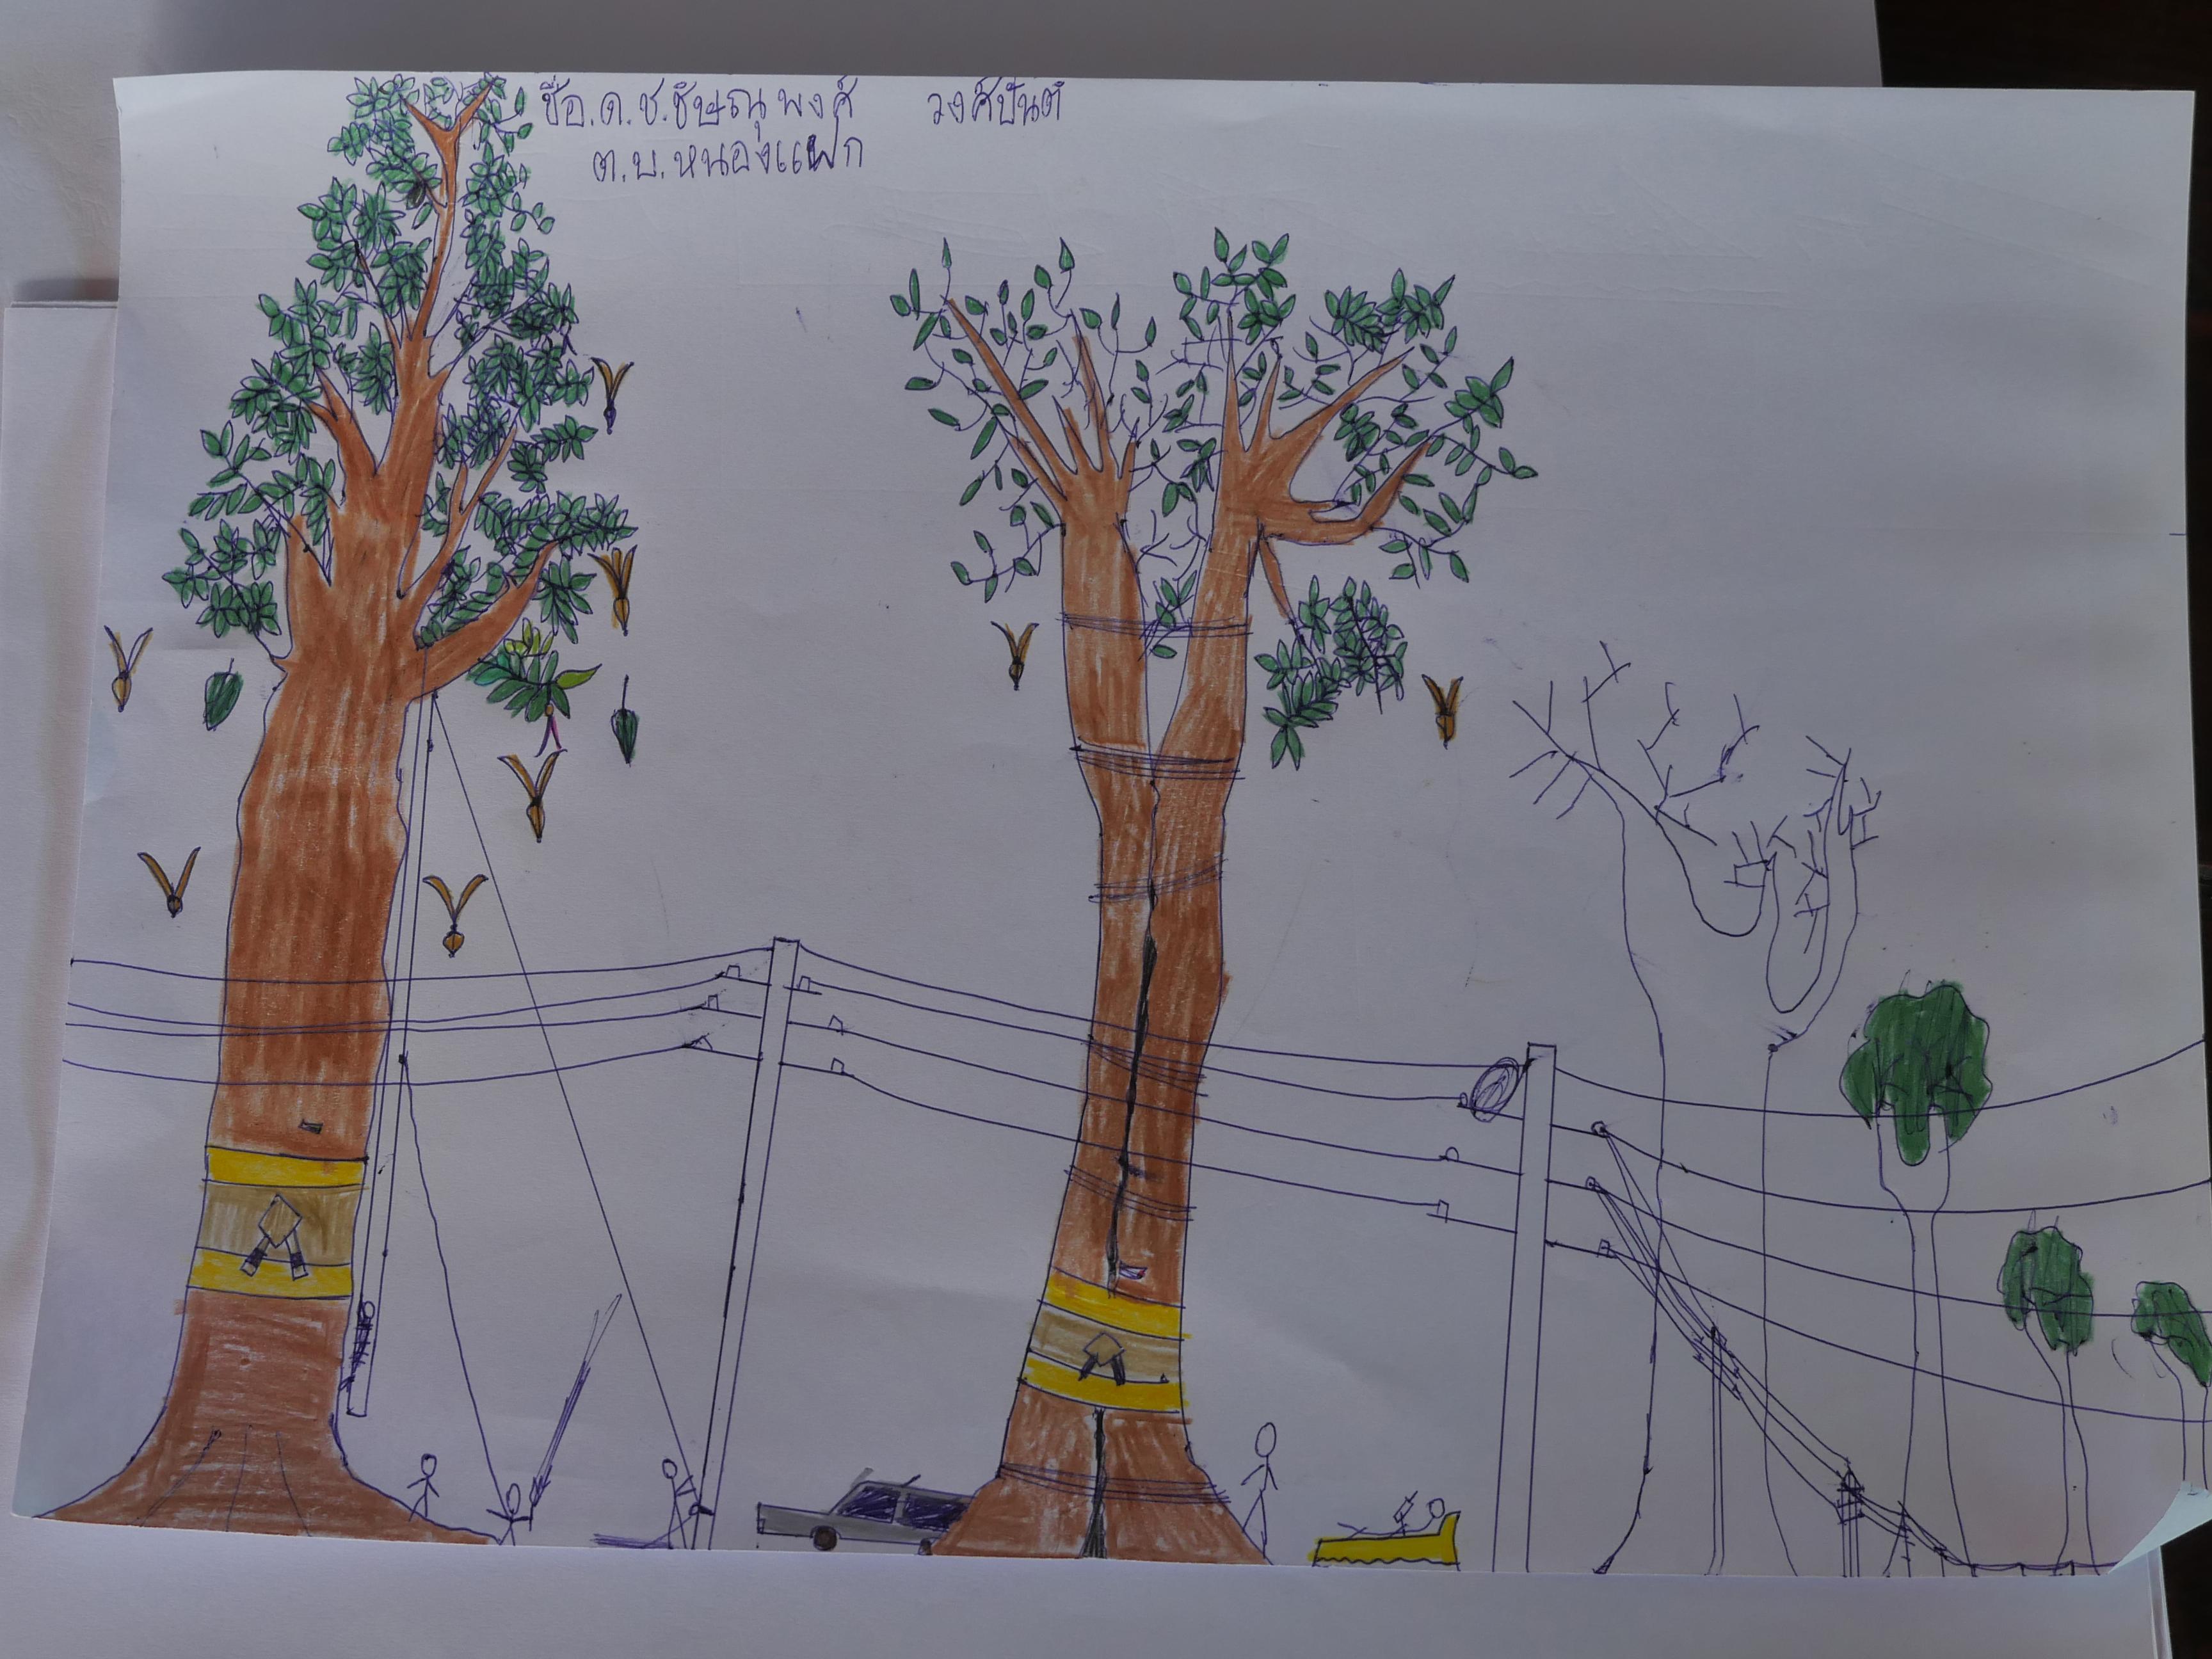 ภาพวาดฝีมือณาวา อายุ 6 ขวบ